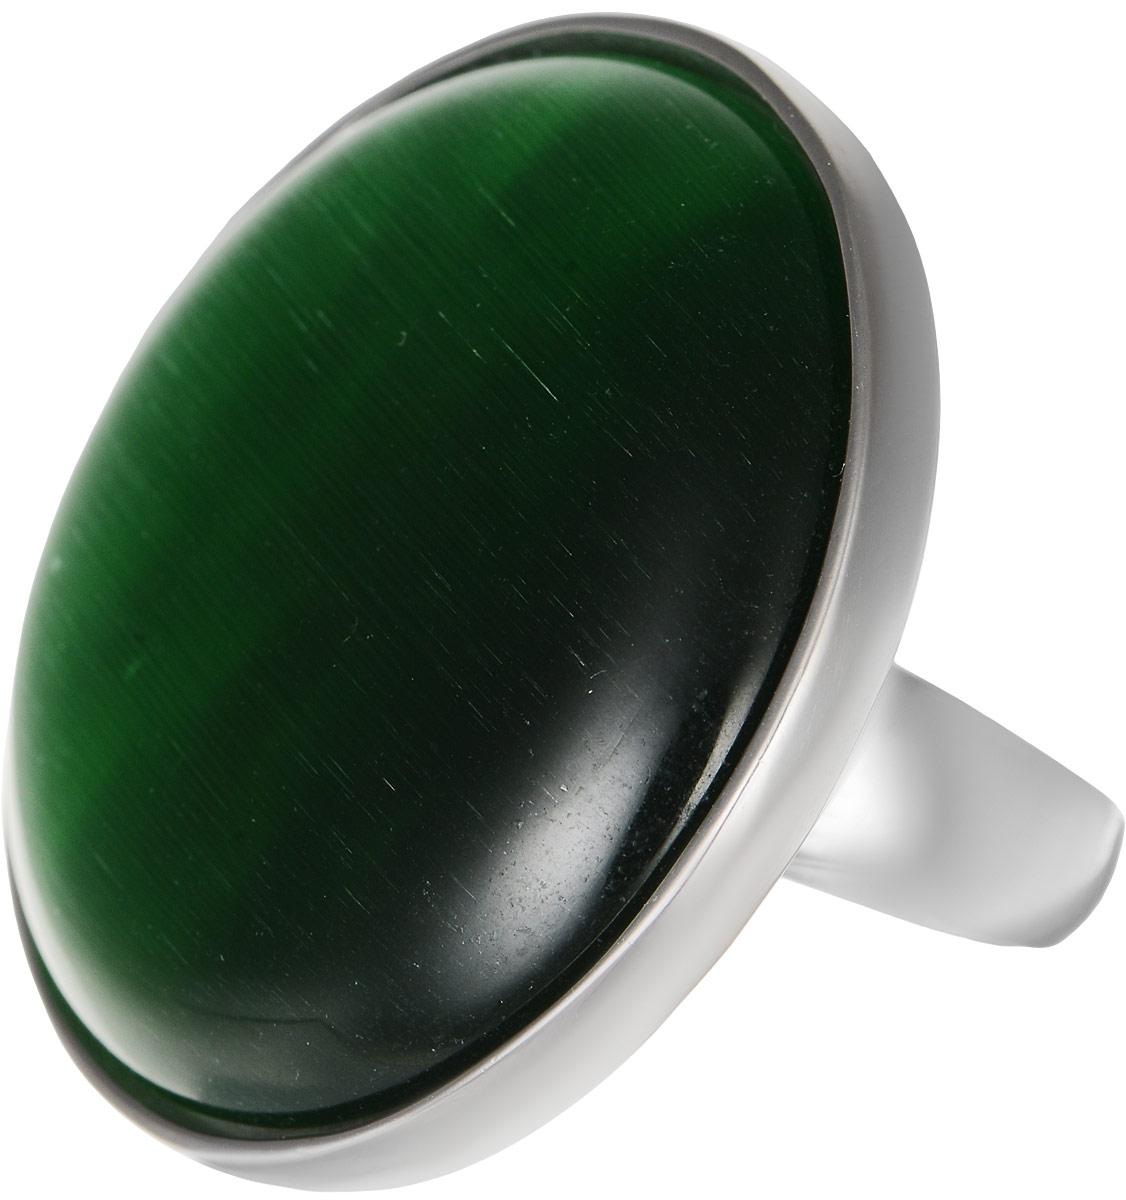 Кольцо Polina Selezneva, цвет: серебристый, зеленый. DG-0020. Размер 18DG-0020-08Оригинальное кольцо Polina Selezneva выполнено из бижутерийного сплава. Изделие круглой формы, дополнено искусственным камнем. Такое кольцо это блестящее завершение вашего неповторимого, смелого образа и отличный подарок для ценительницы необычных украшений!